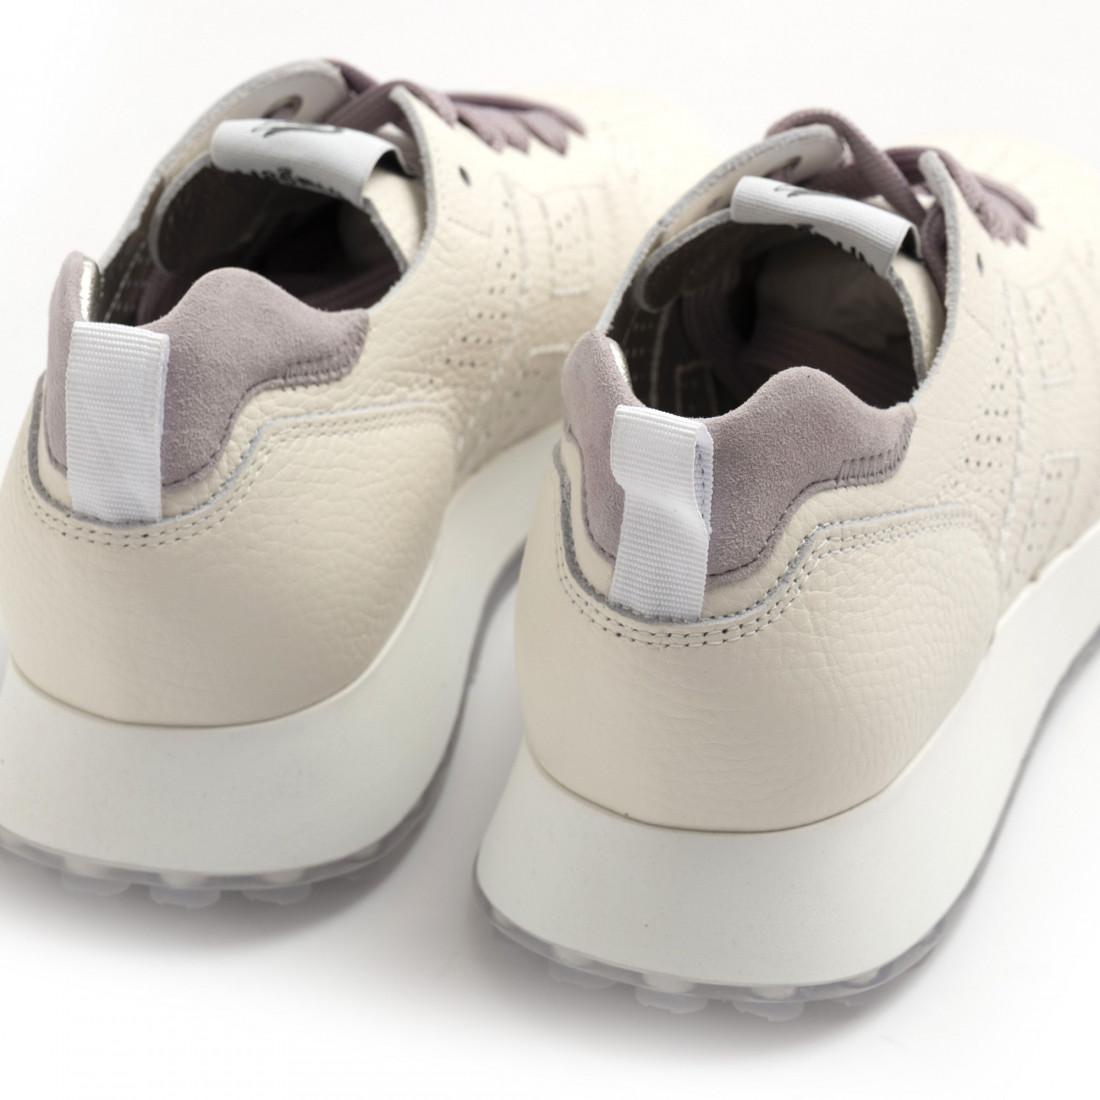 sneakers woman hogan hxw4290dl40pnz0src 8250